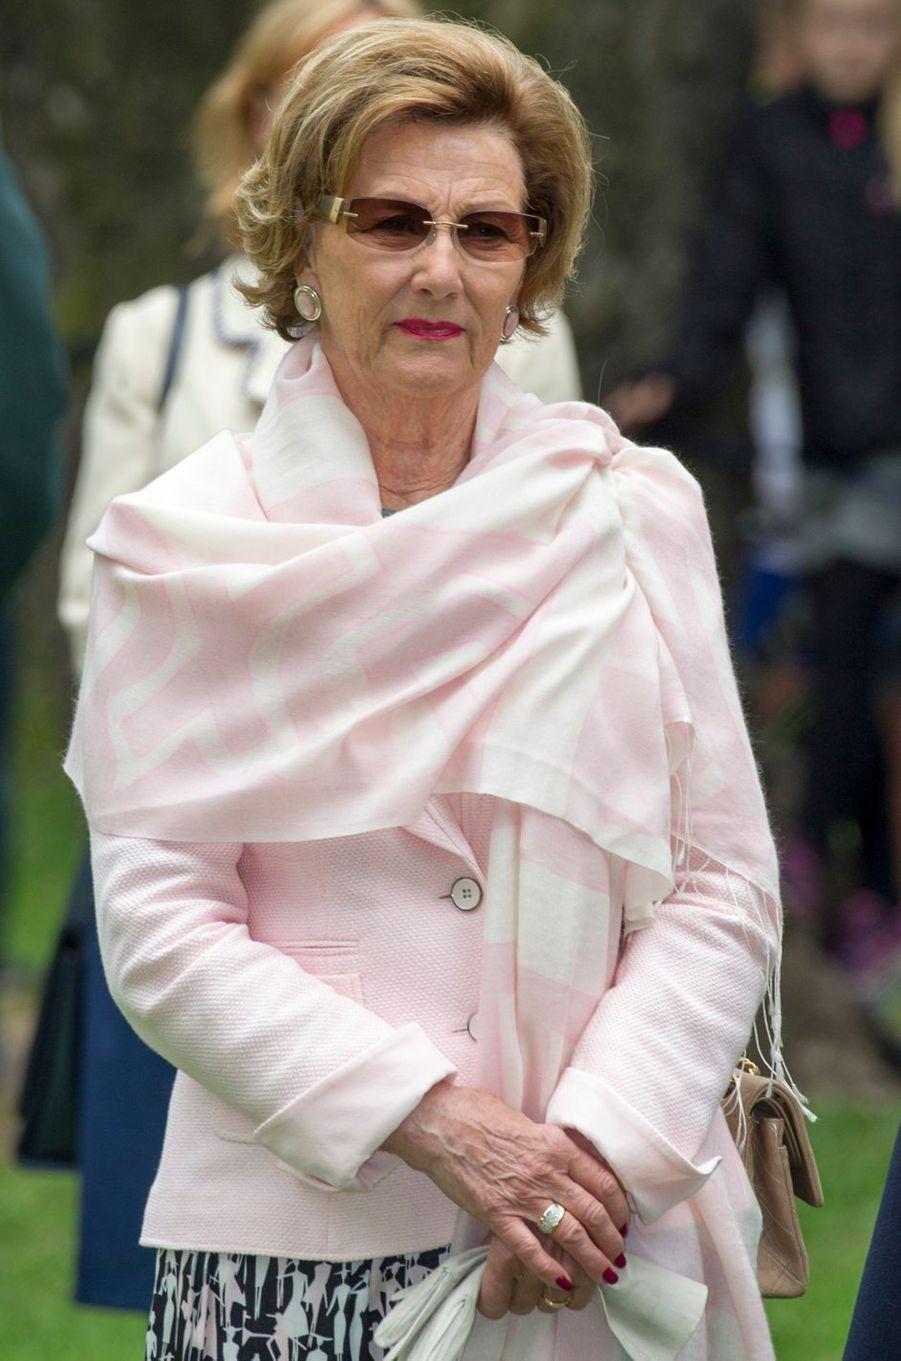 La reine Sonja de Norvège à Oslo, le 19 mai 2016